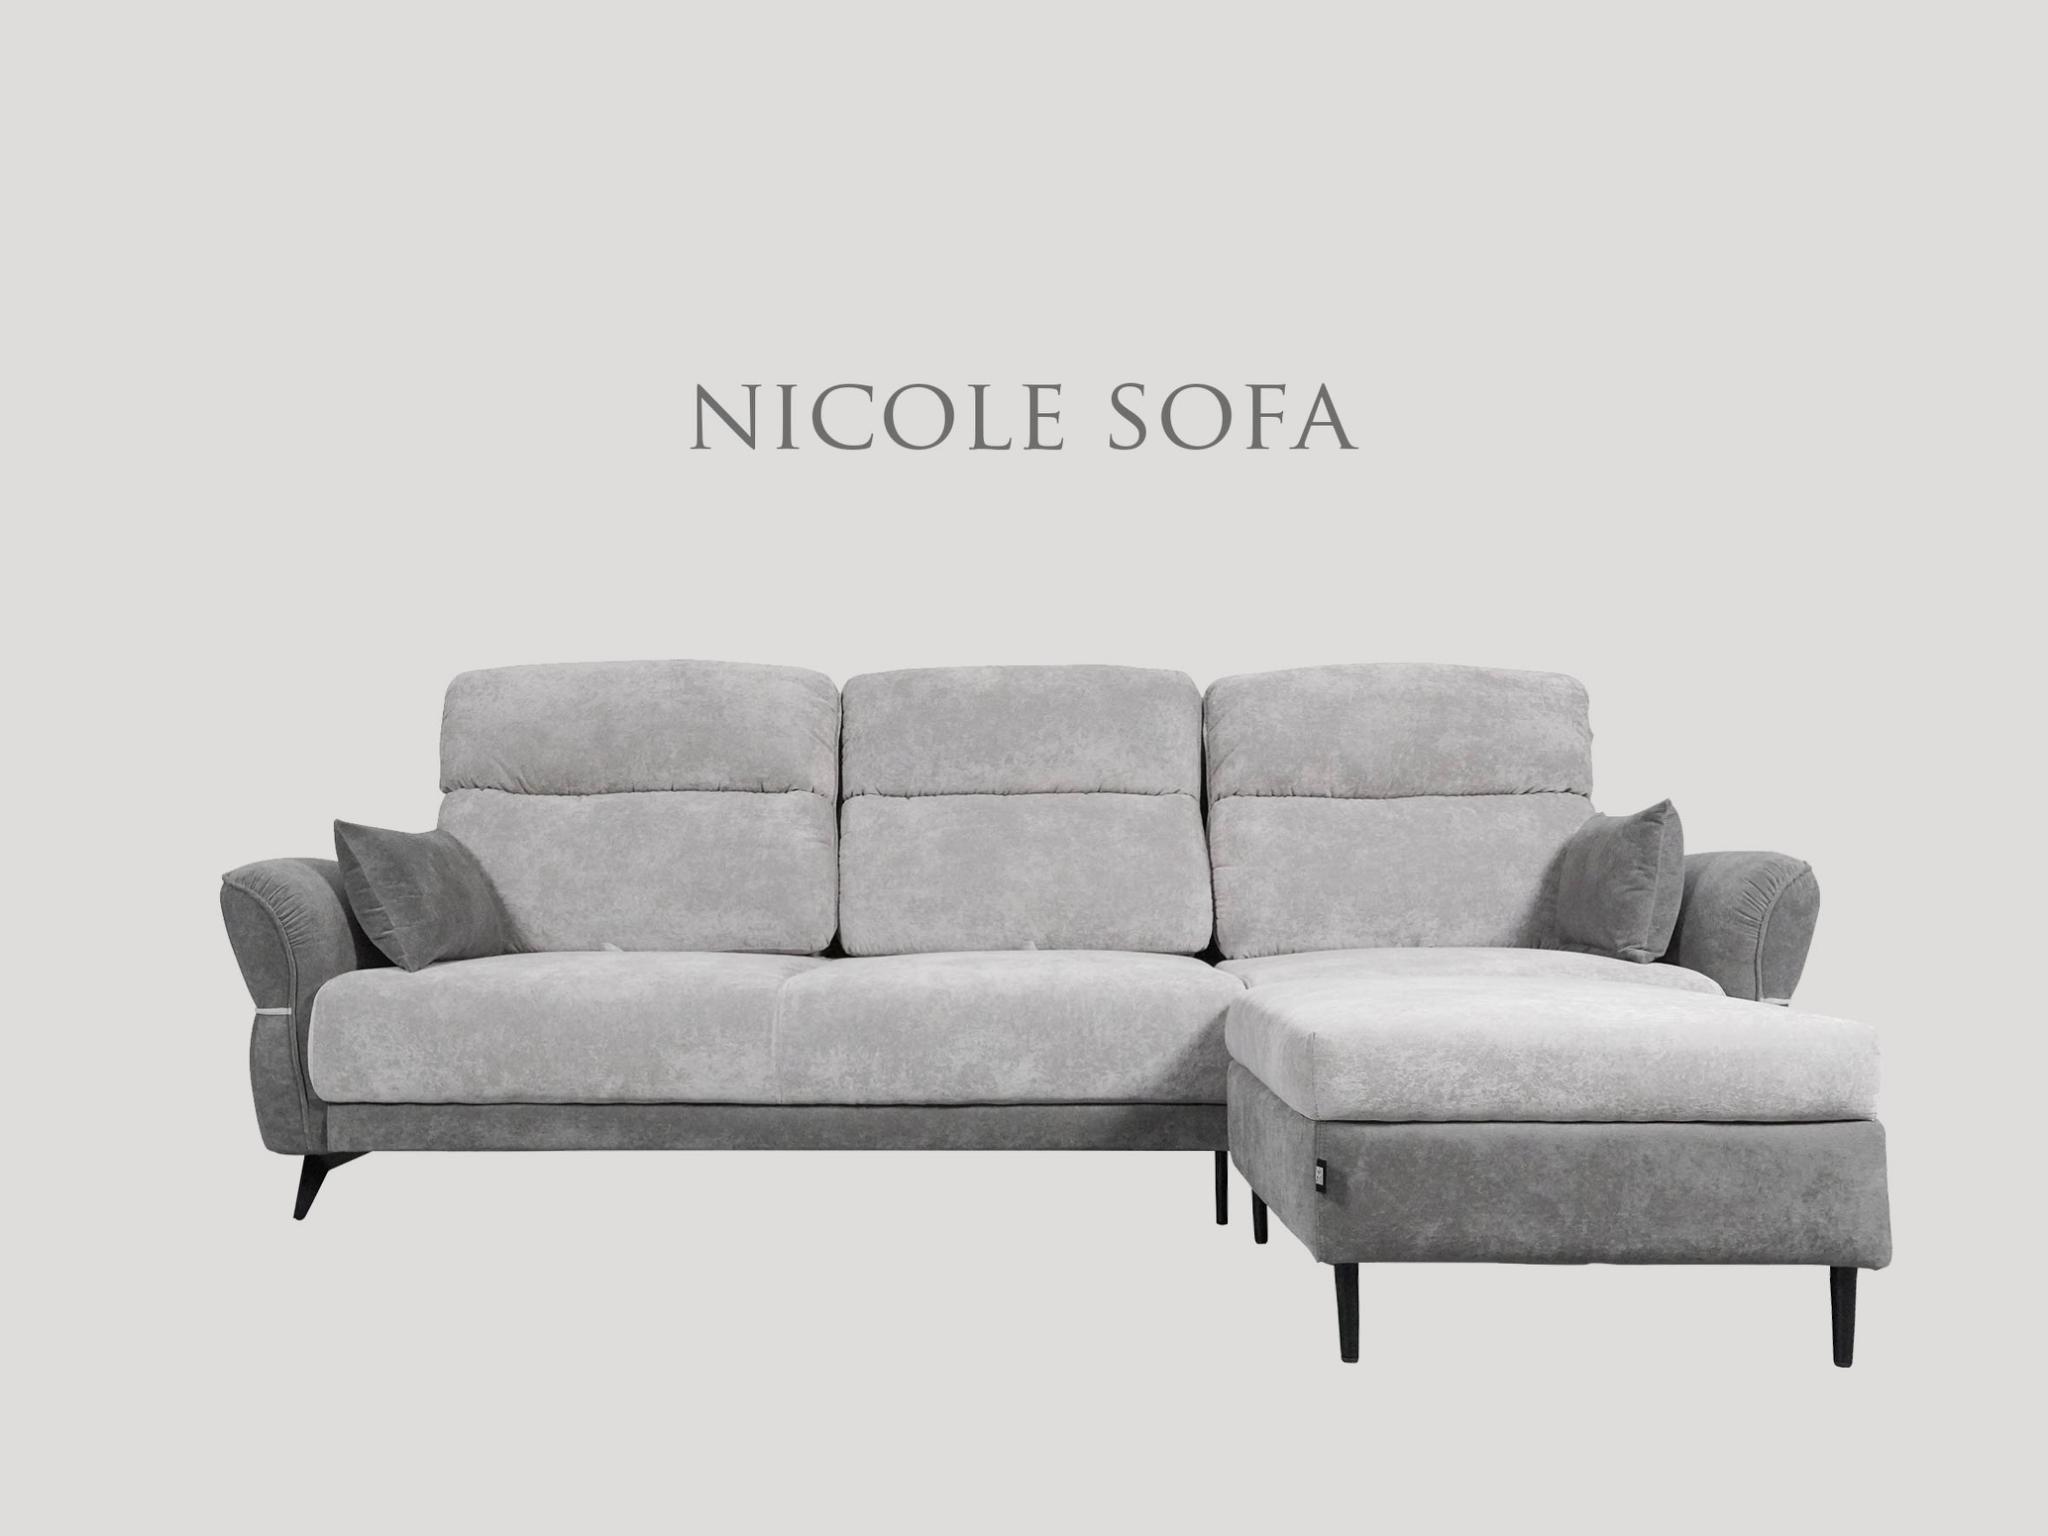 貓抓沙發系列推薦-尼可沙發